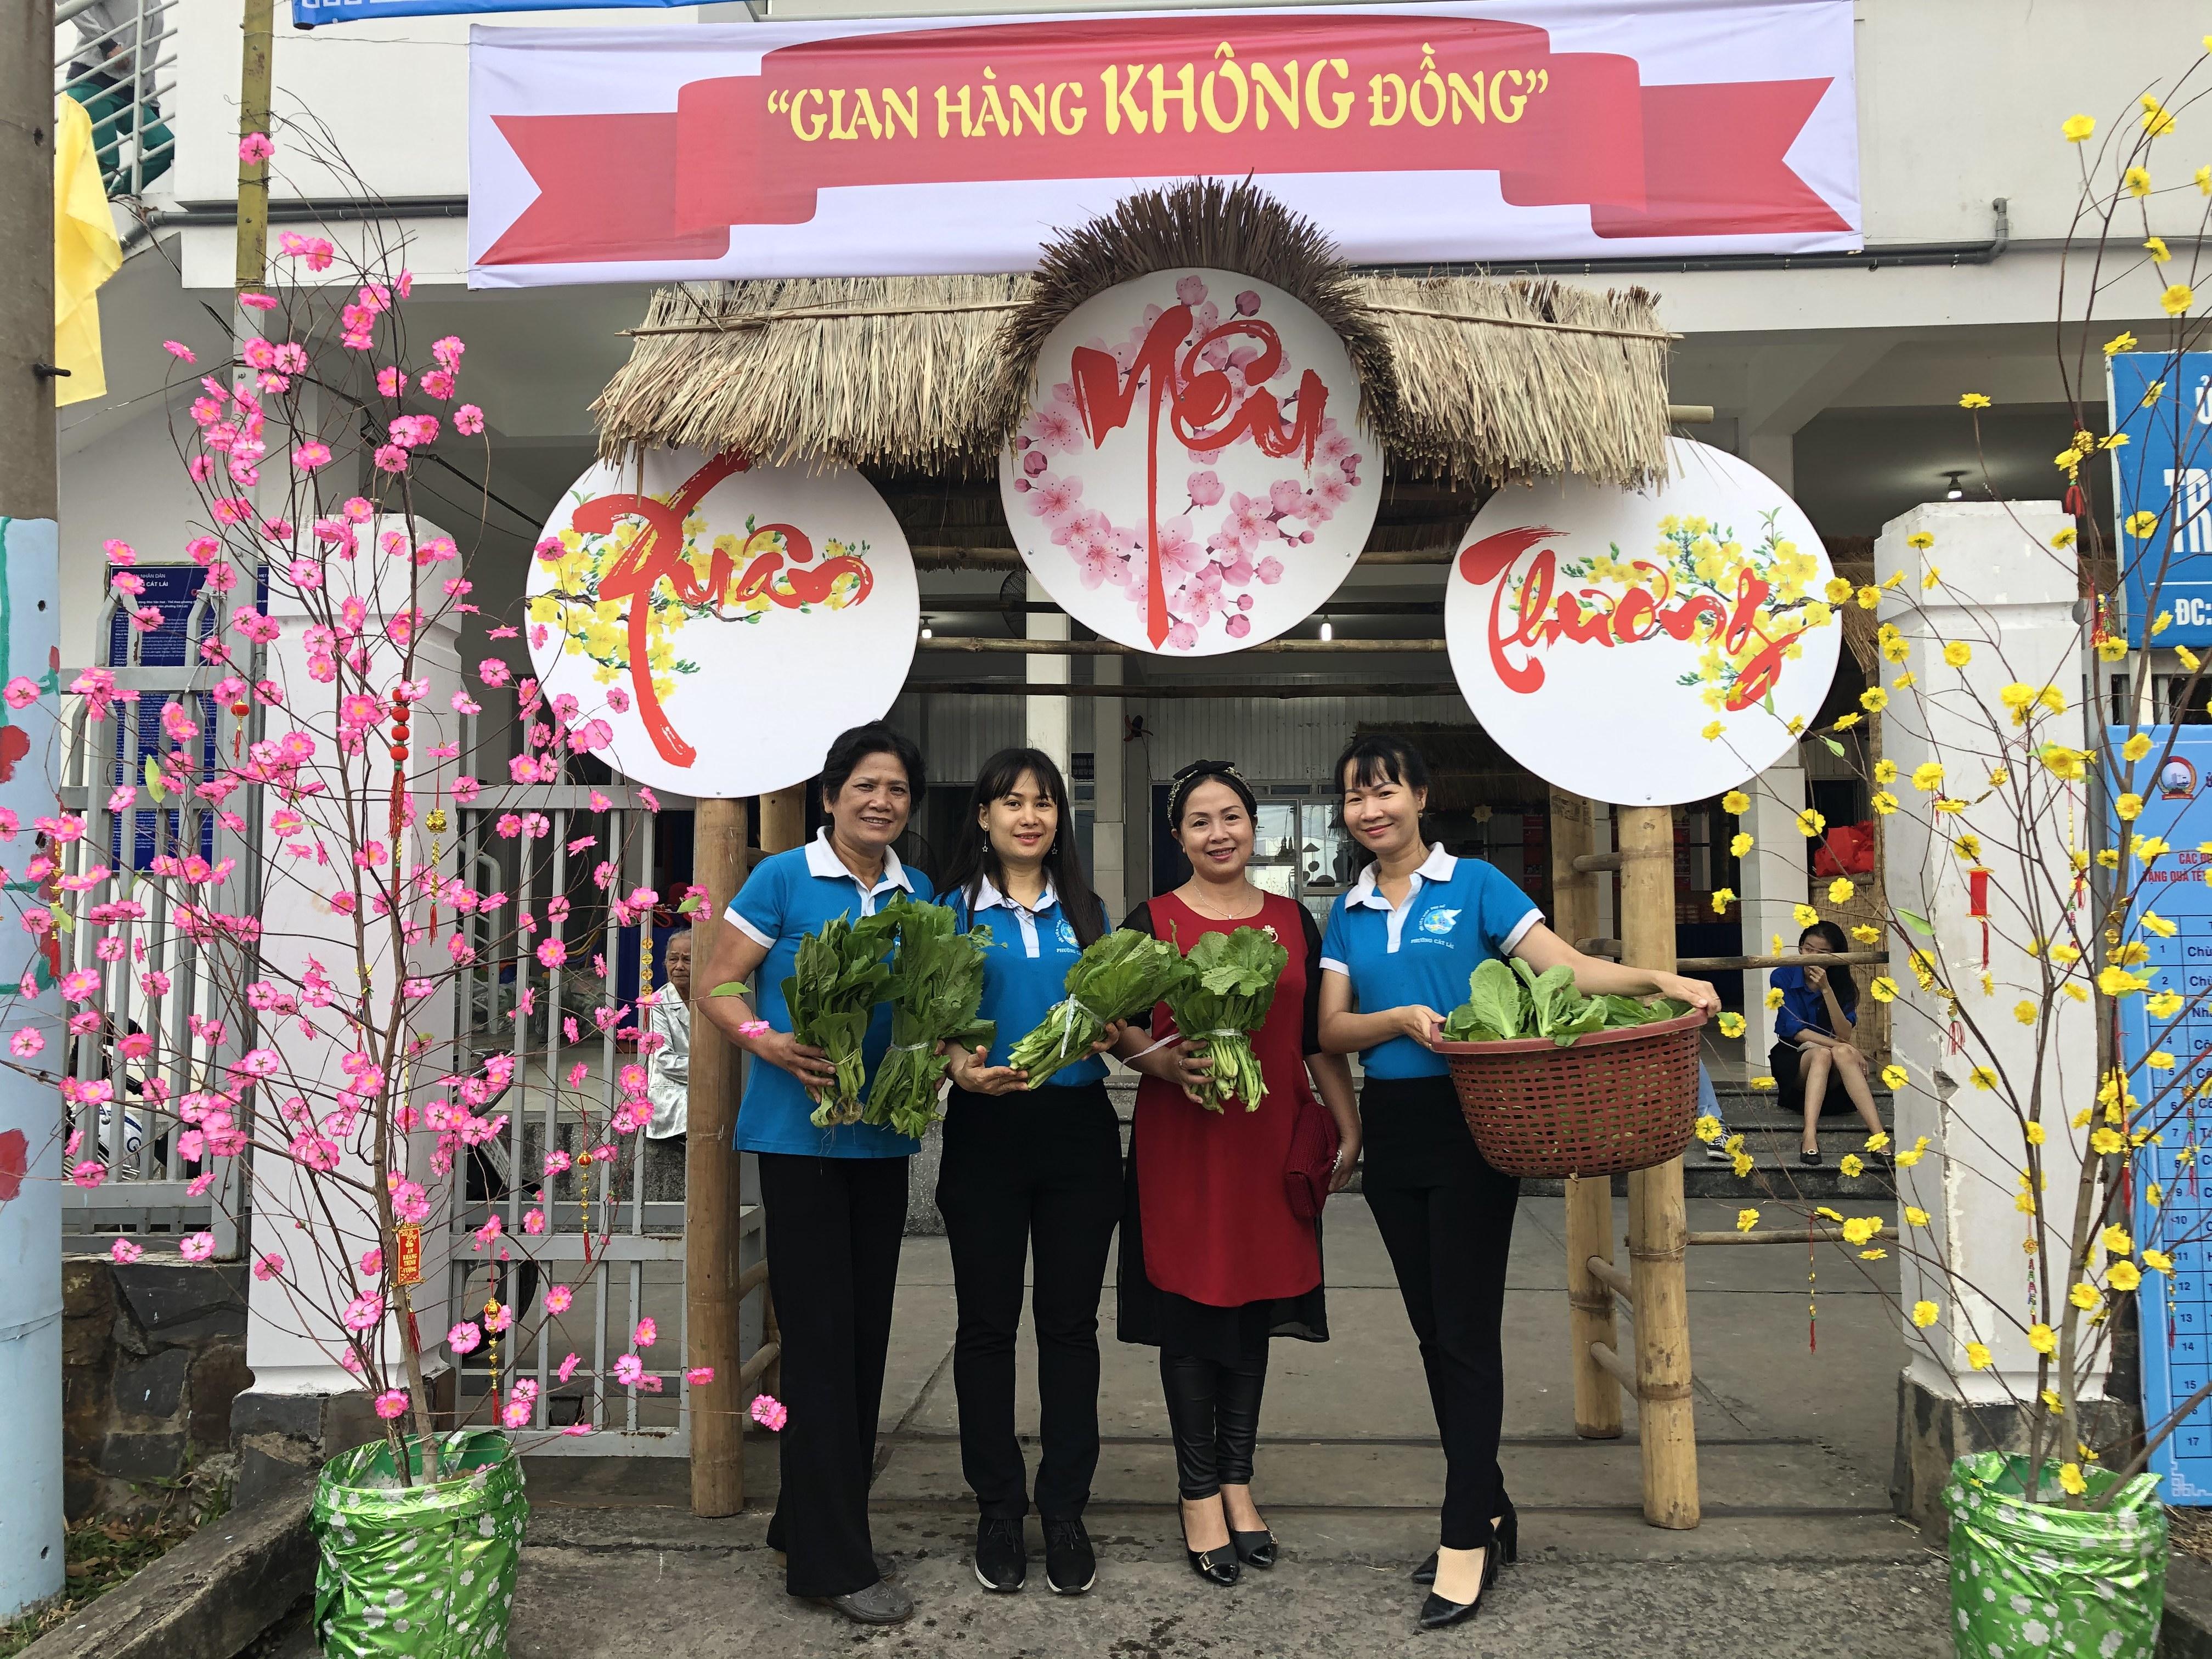 Các chị bên Hội Phụ nữ mang rau đến phiên chợ để tặng người dân.